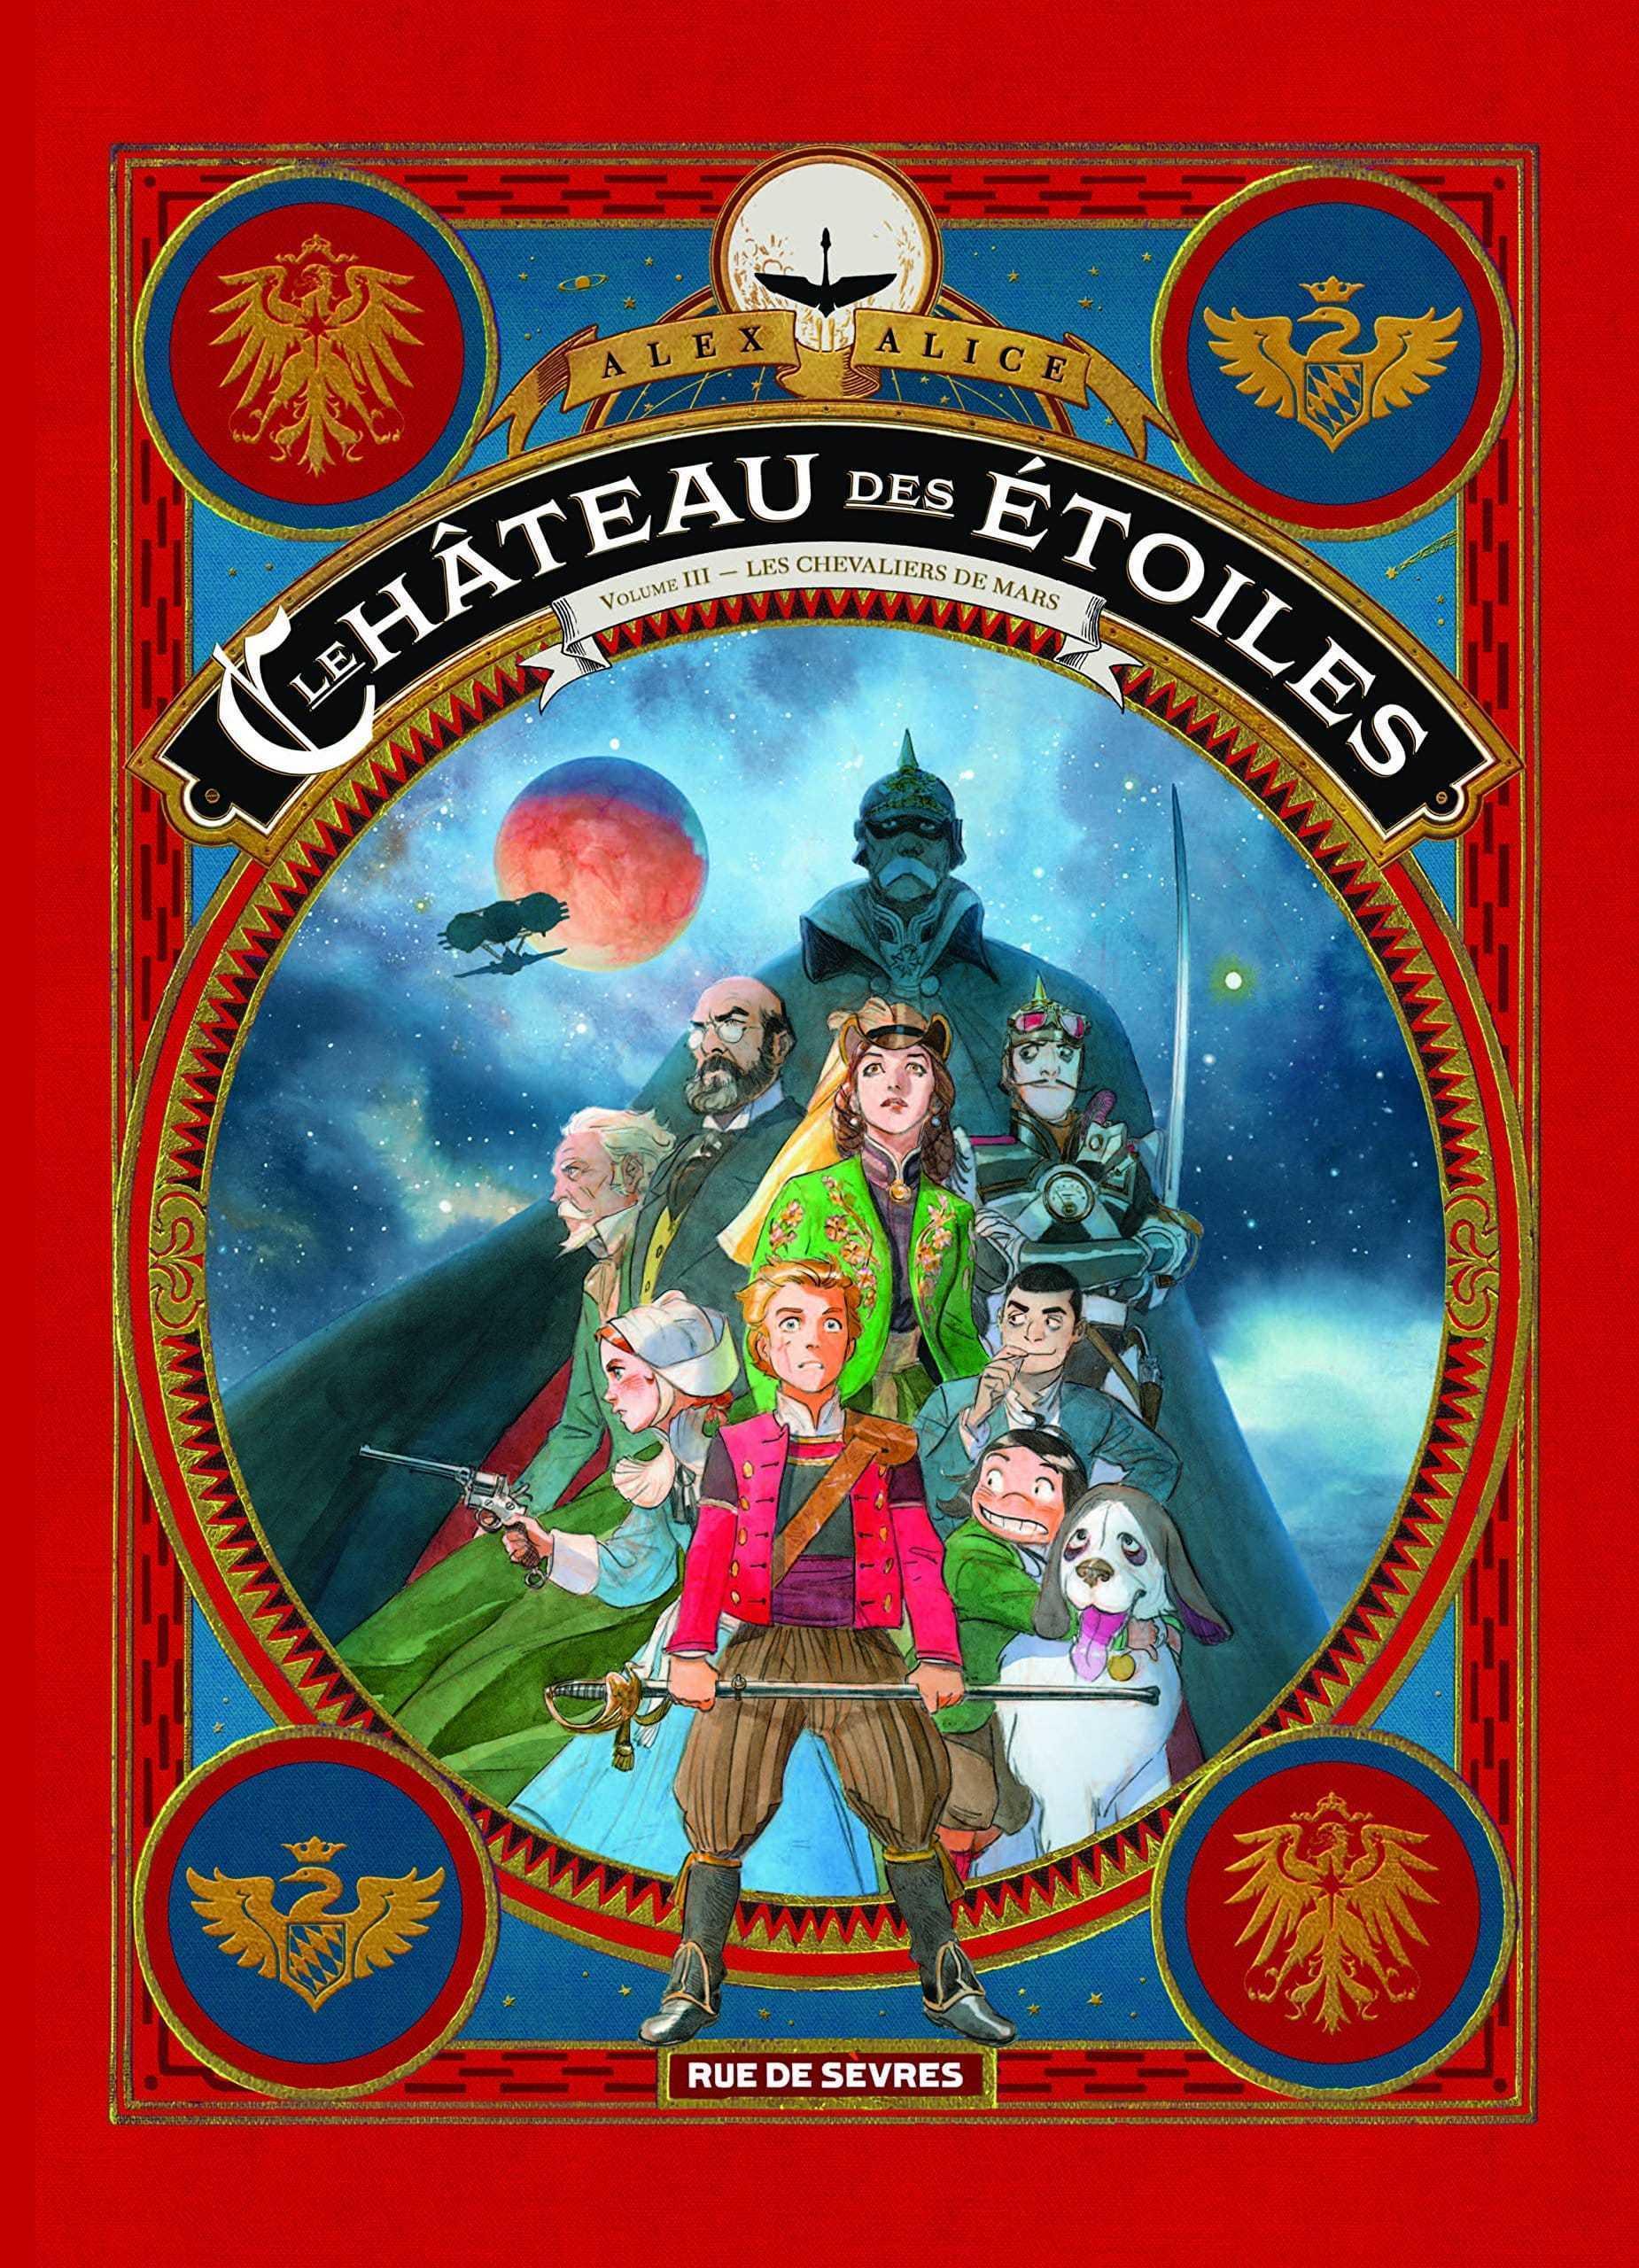 Le Château des étoiles T3, Alex Alice direction Mars